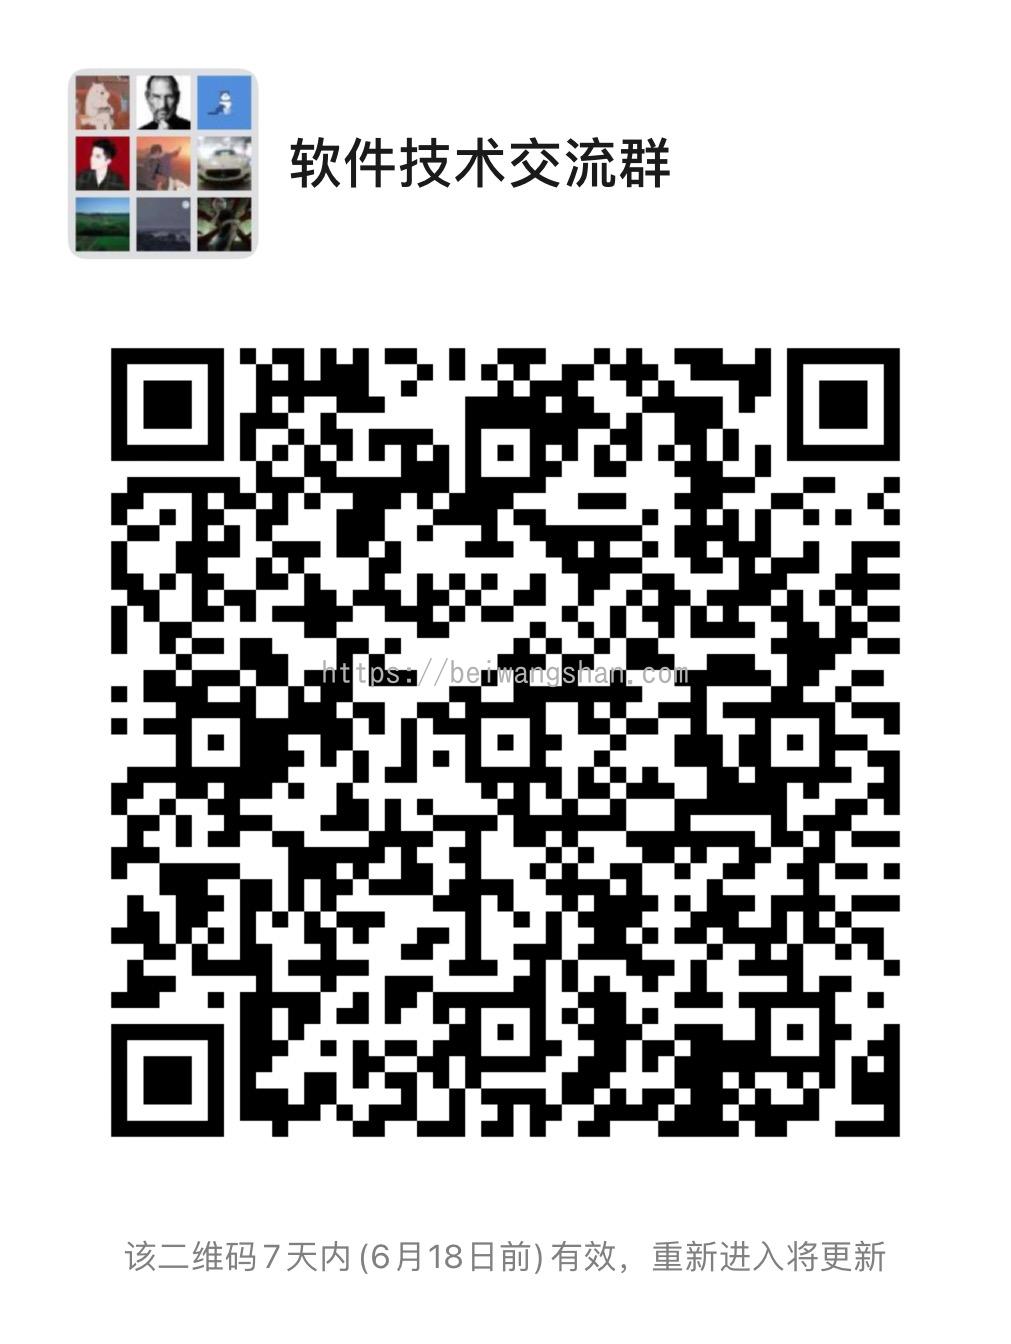 image-20210611150738205